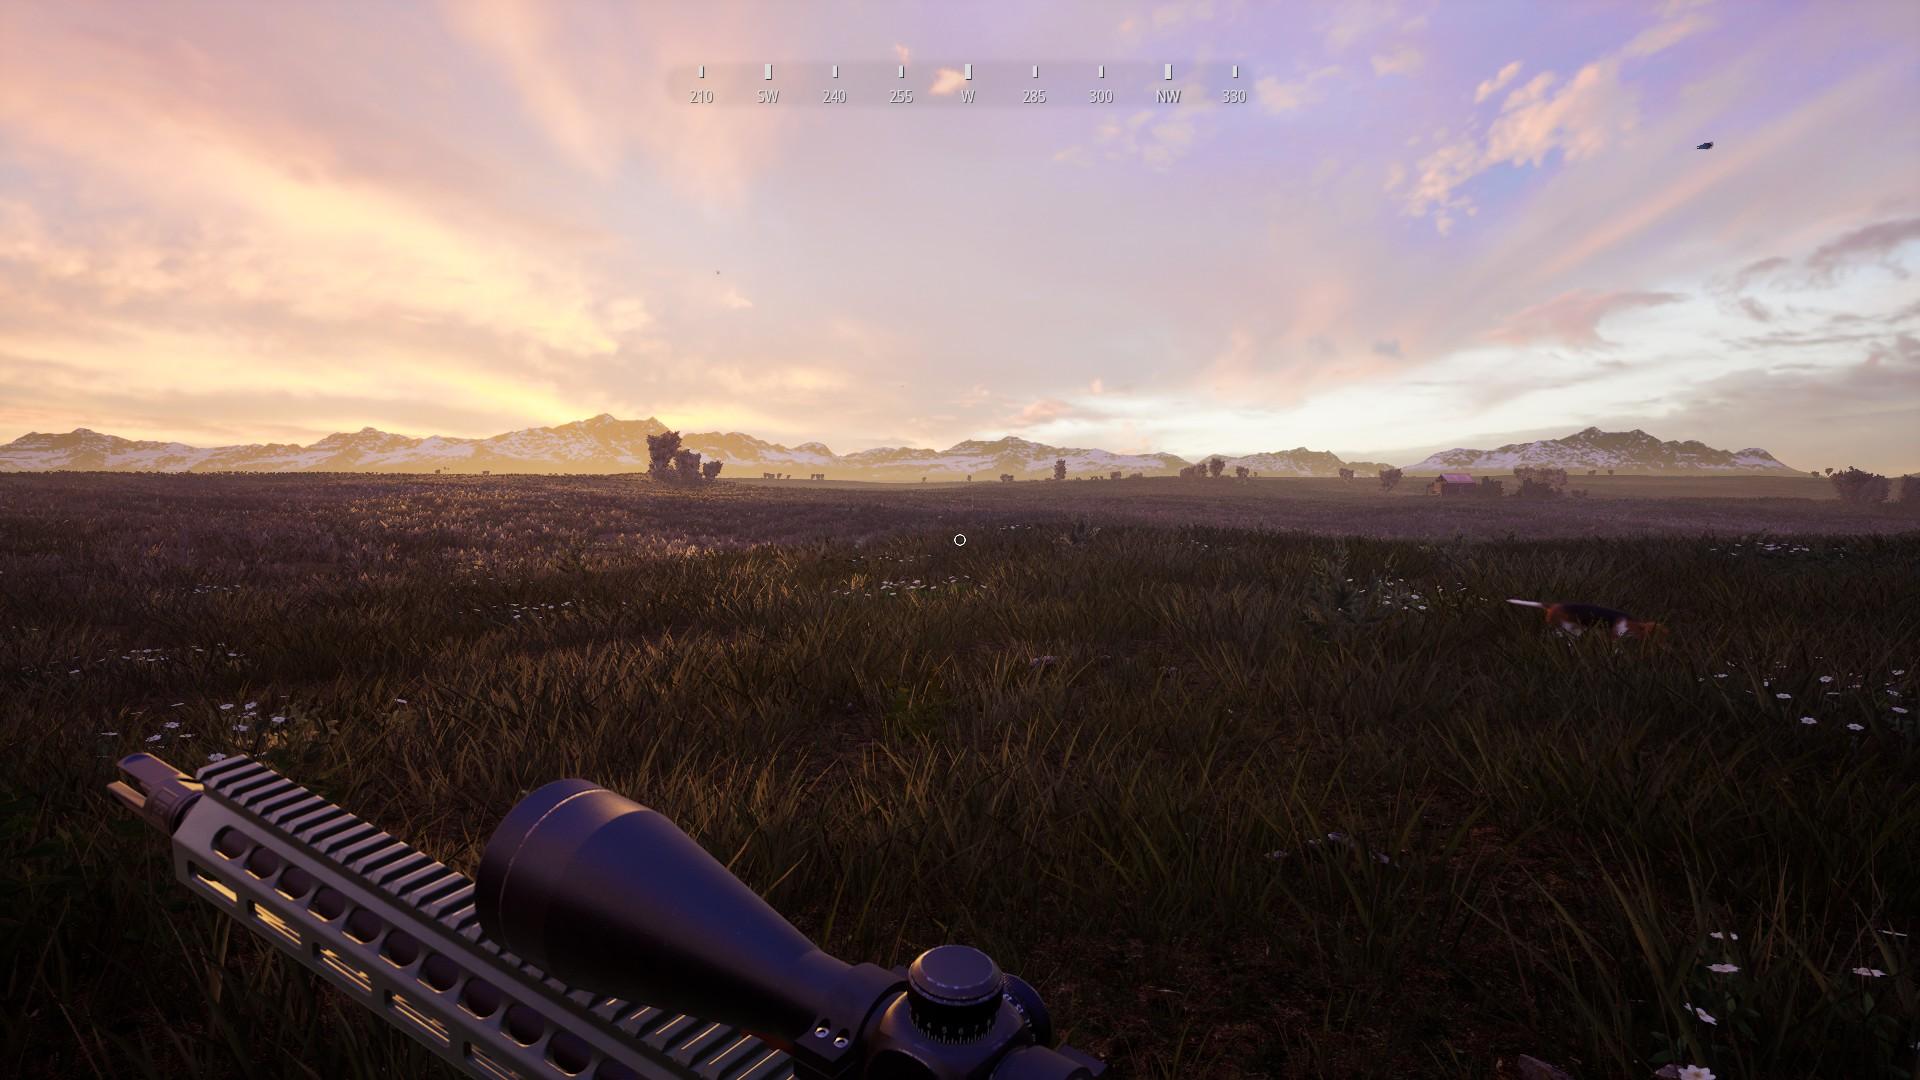 hunting simulator 2 hd wallpaper 74053